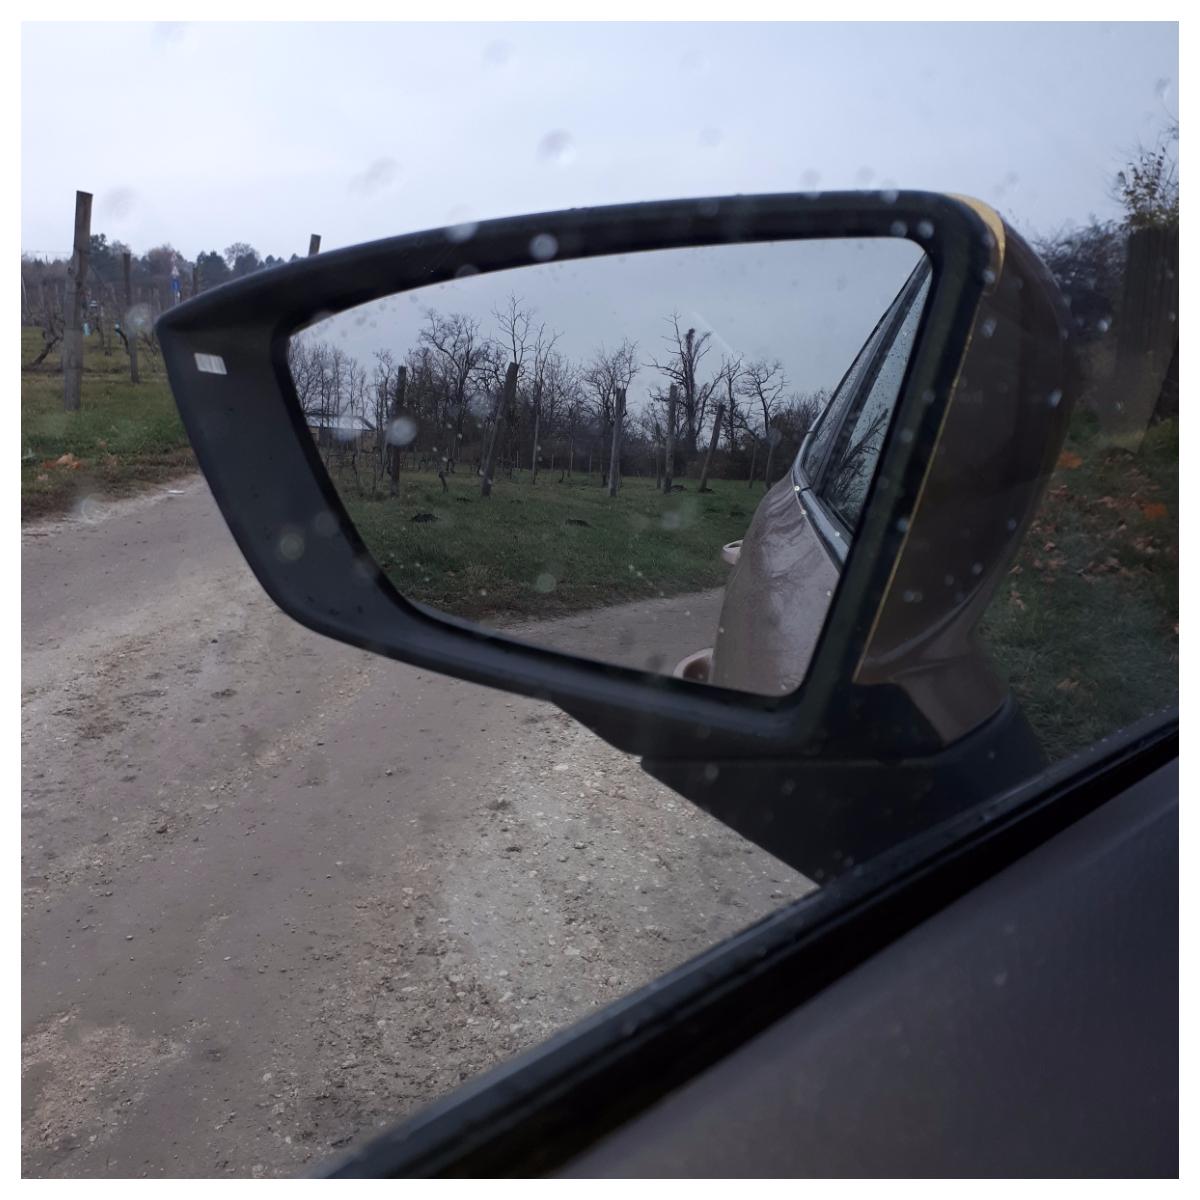 """Egy picike negatívumot azért írnék: a visszapillantó tükrök számomra """"kicsinek"""" tűntek, de lehet azért, mert a saját autómon nagyobb tükrök vannak, és azt szoktam meg. <br />Igazából a lényeg látható volt, sok gondot nem okozott."""